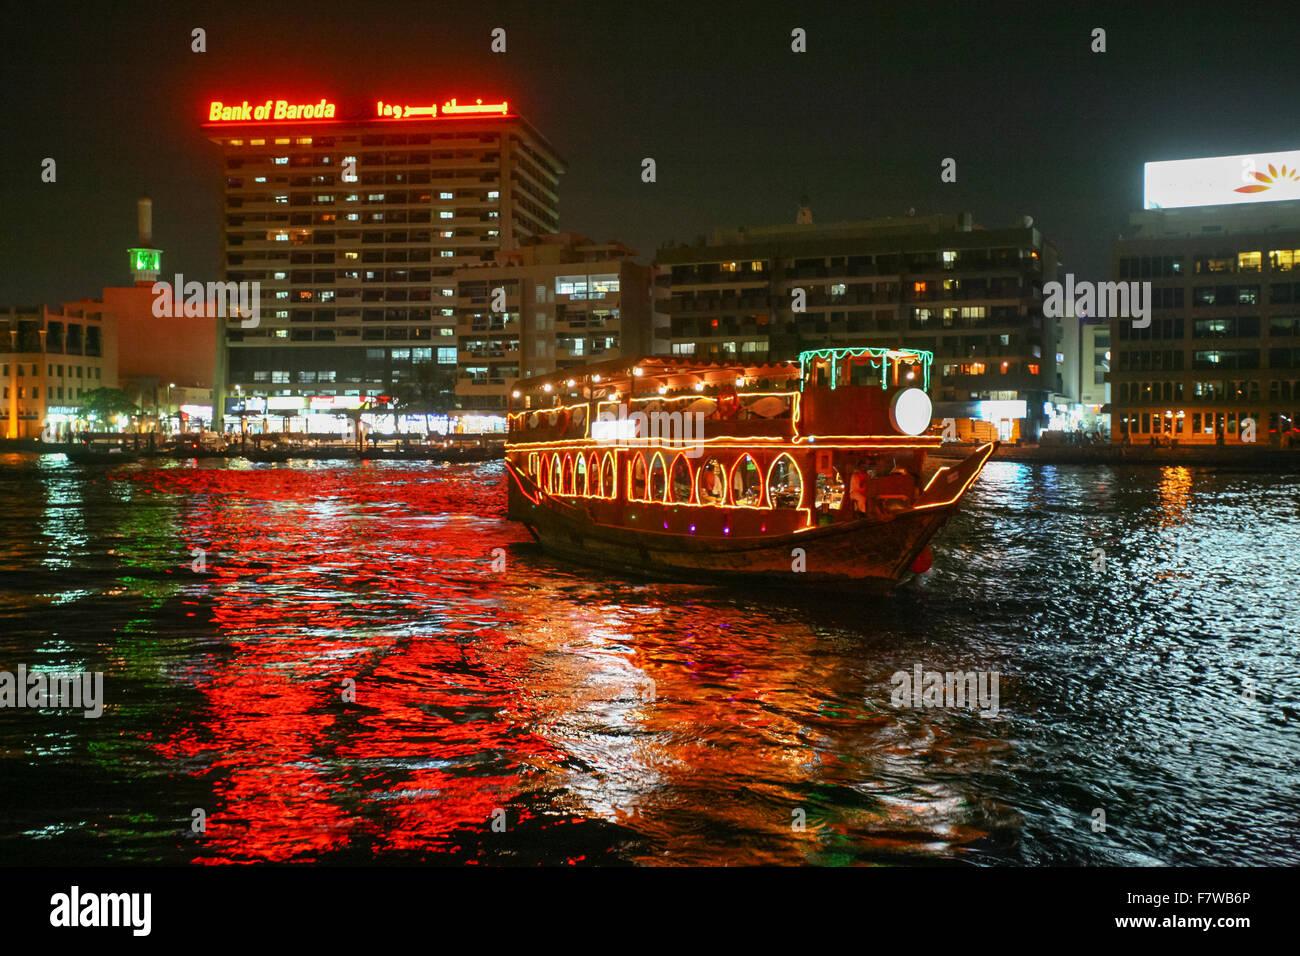 Crociera su Dhow, Dubai, Emirati Arabi Uniti Immagini Stock